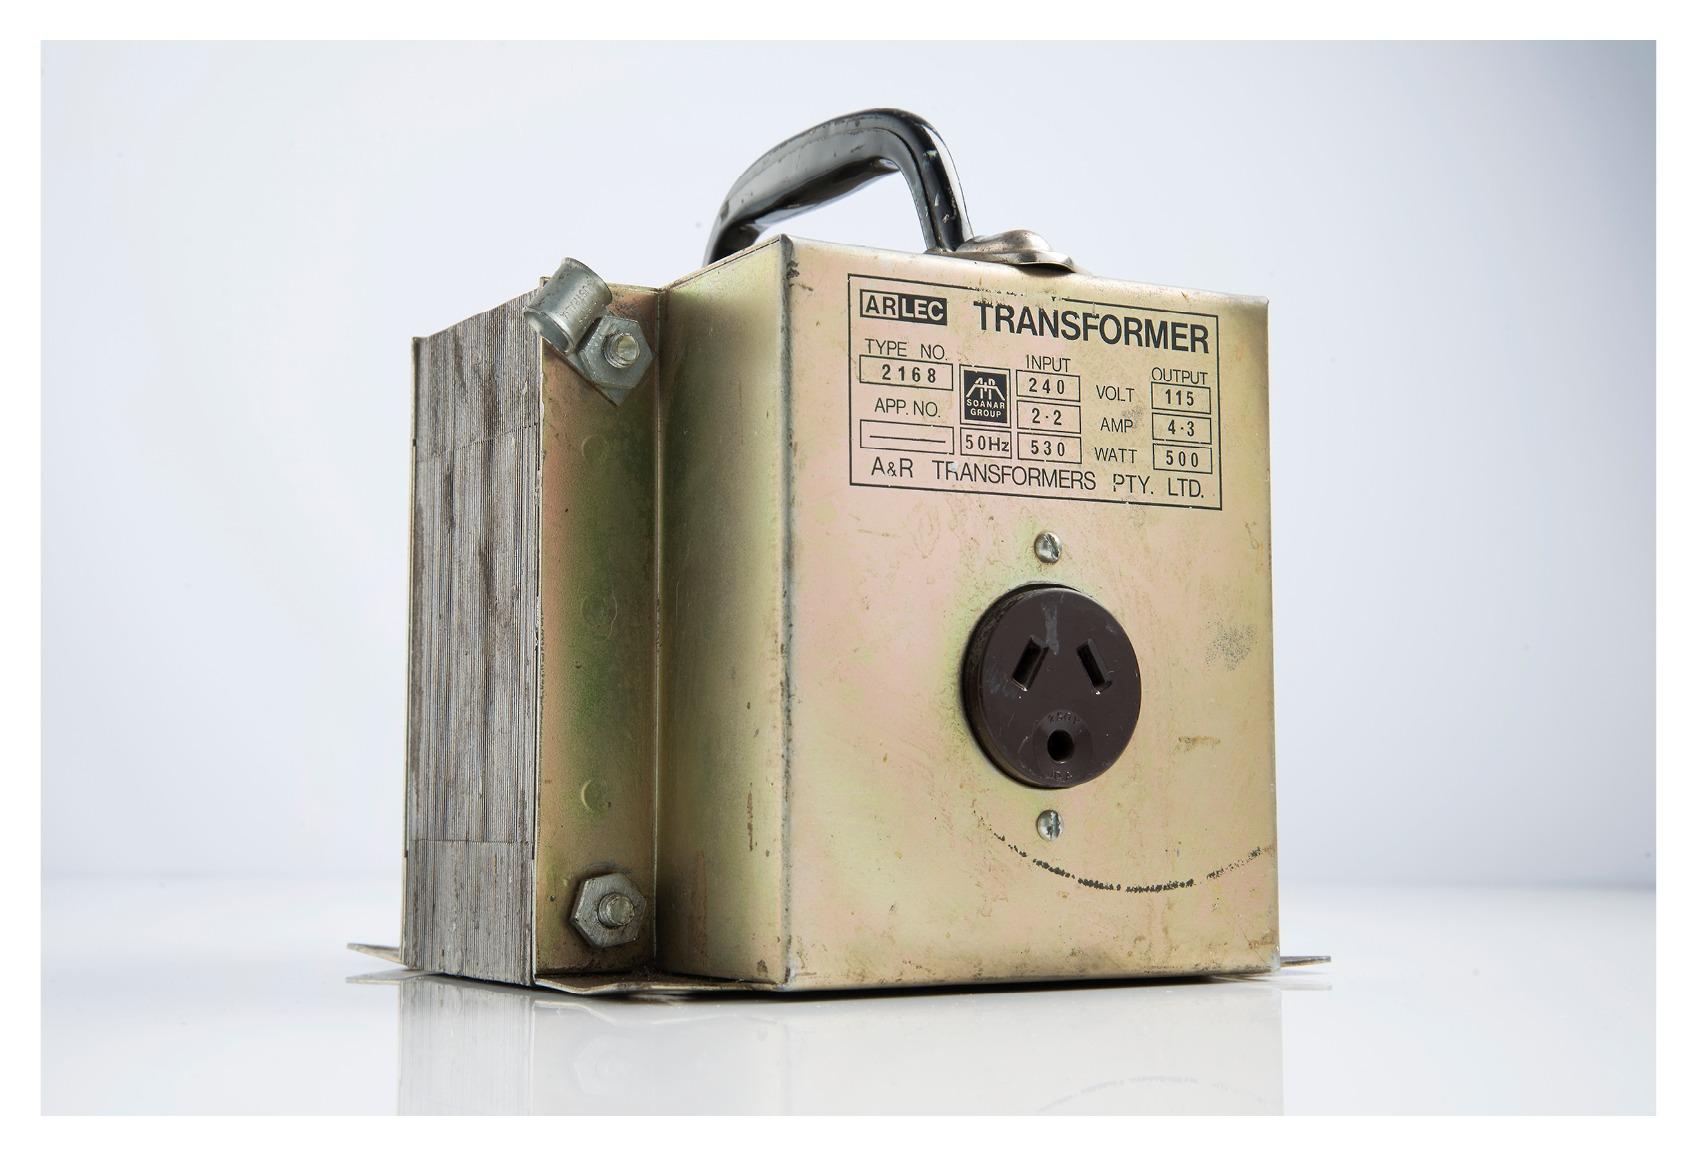 about-Arlec-vintage-transformer